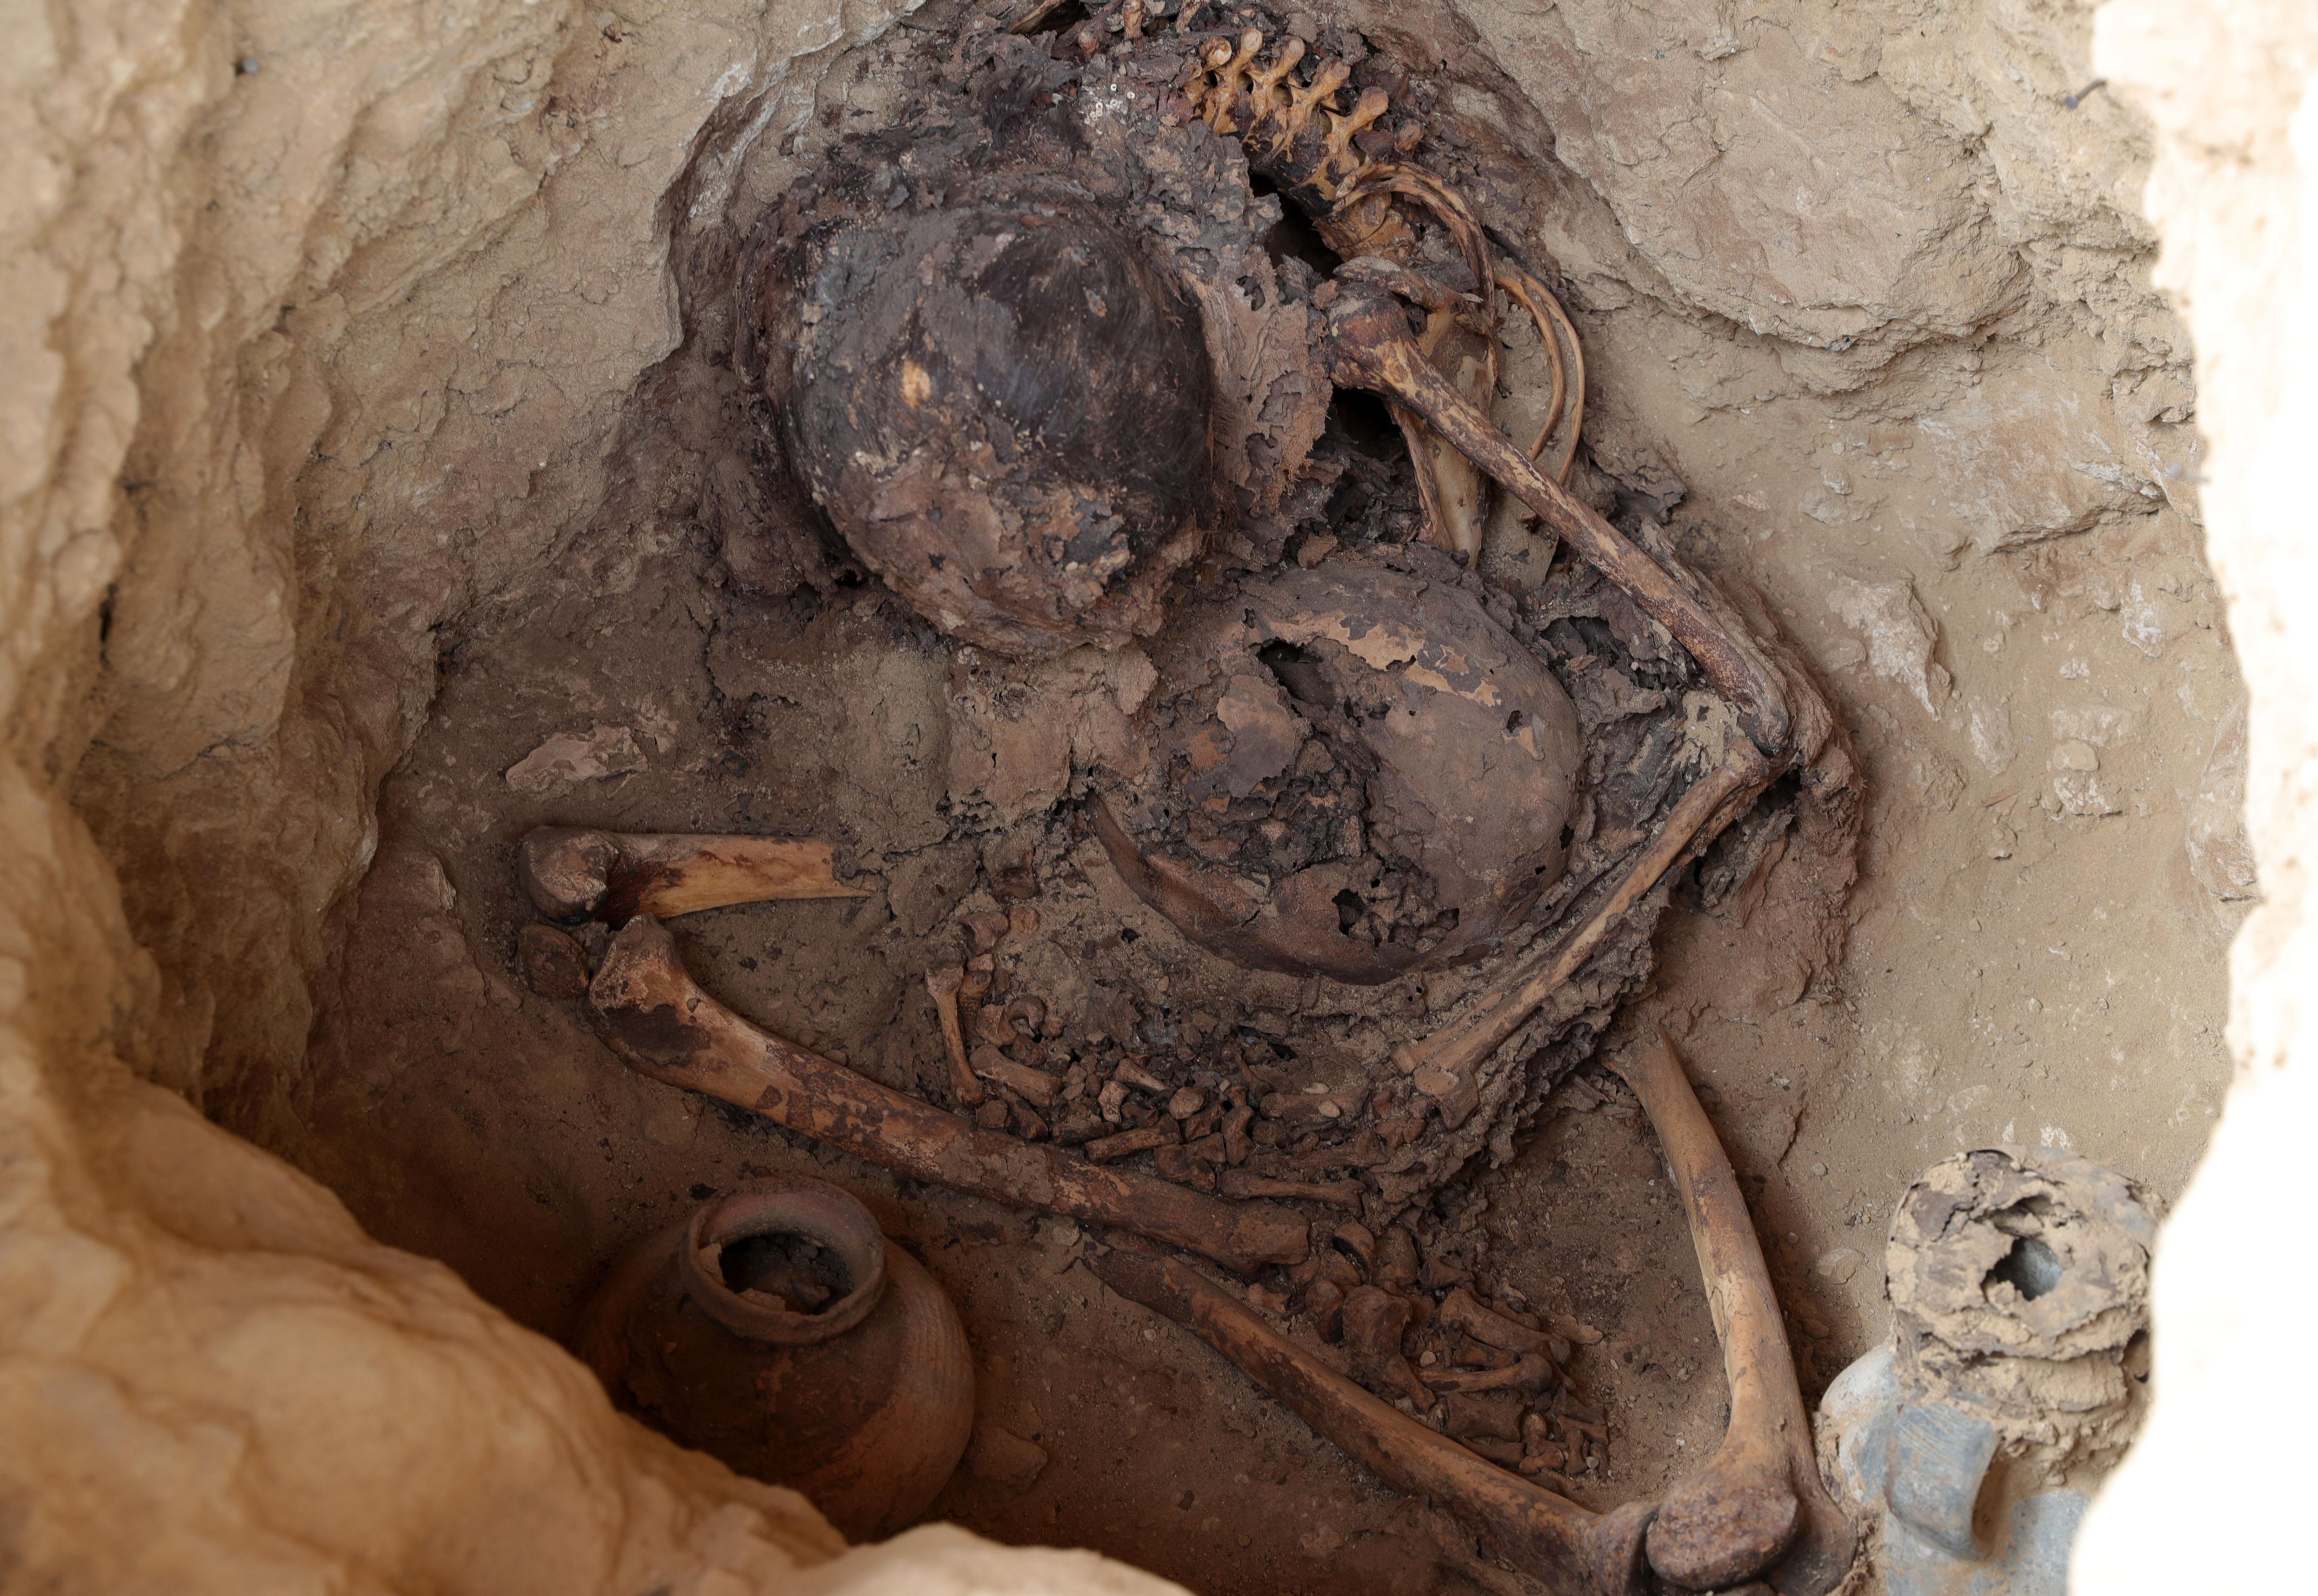 Restos óseos hallados en un fardo funerario, en las excavaciones de una de las laderas de una de las pirámides que conforman la huaca Las Abejas, en el complejo arqueológico de Túcume (EFE)